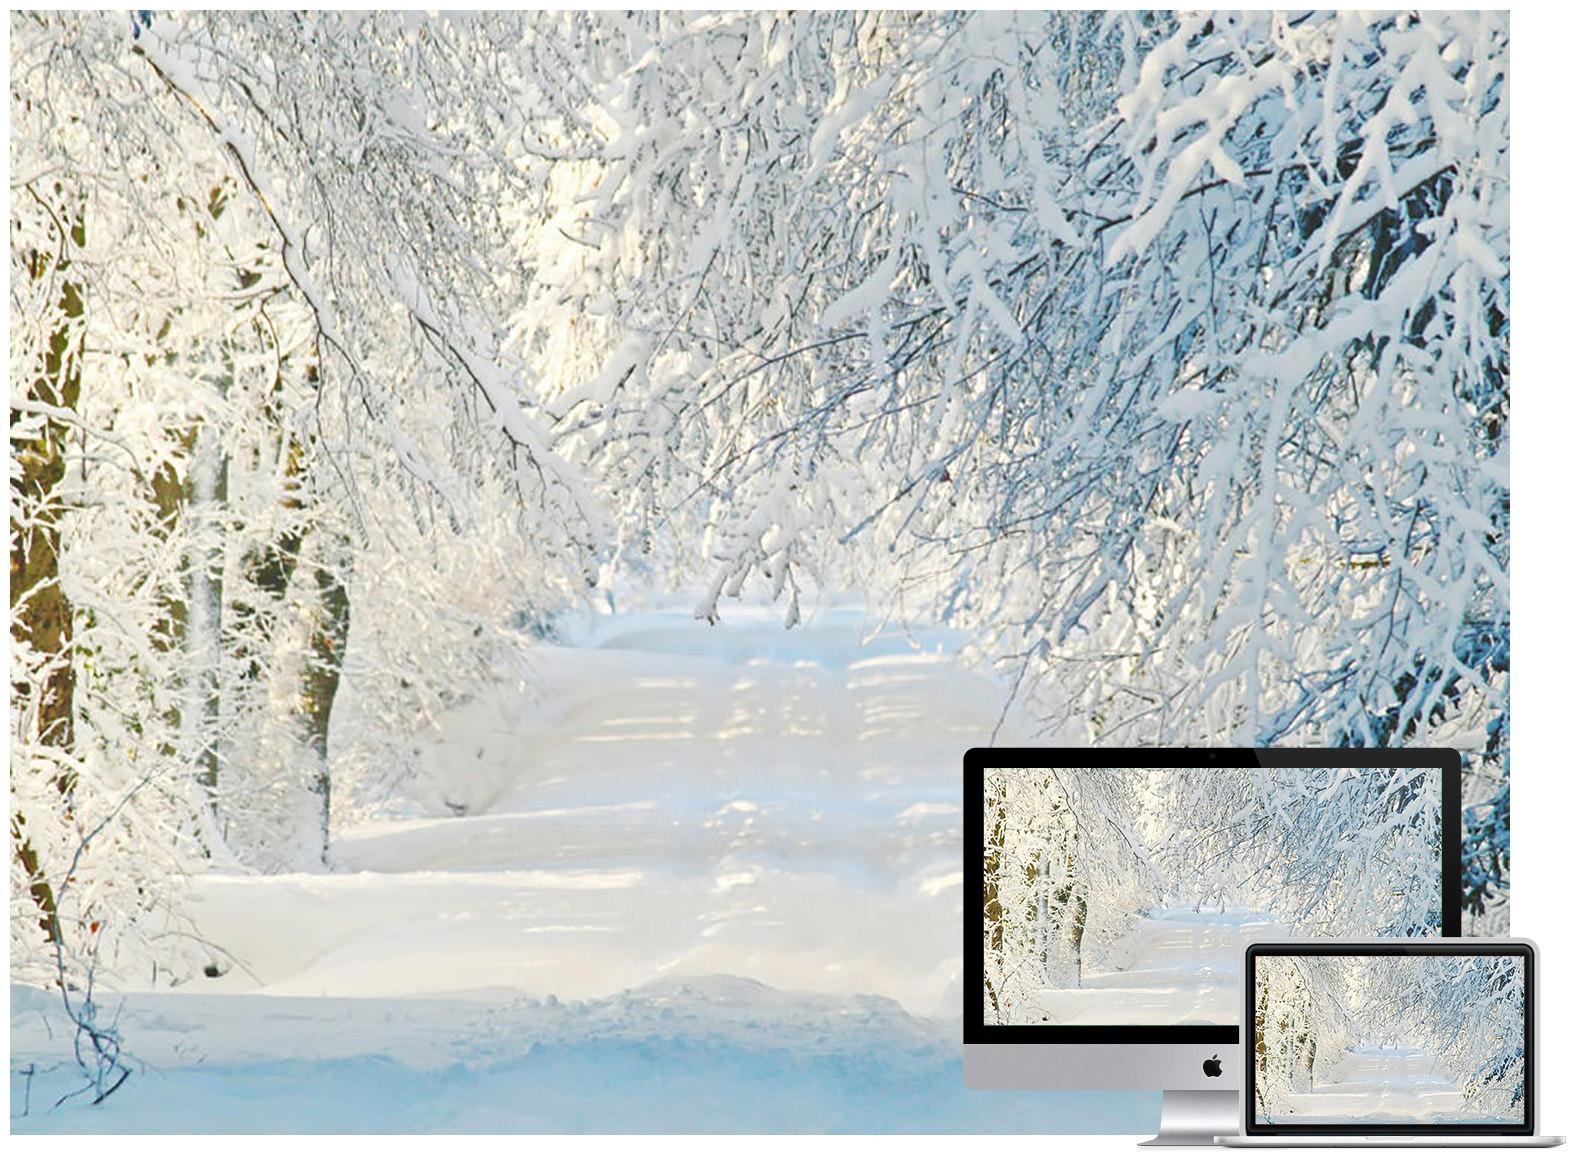 Snowy Road Winter